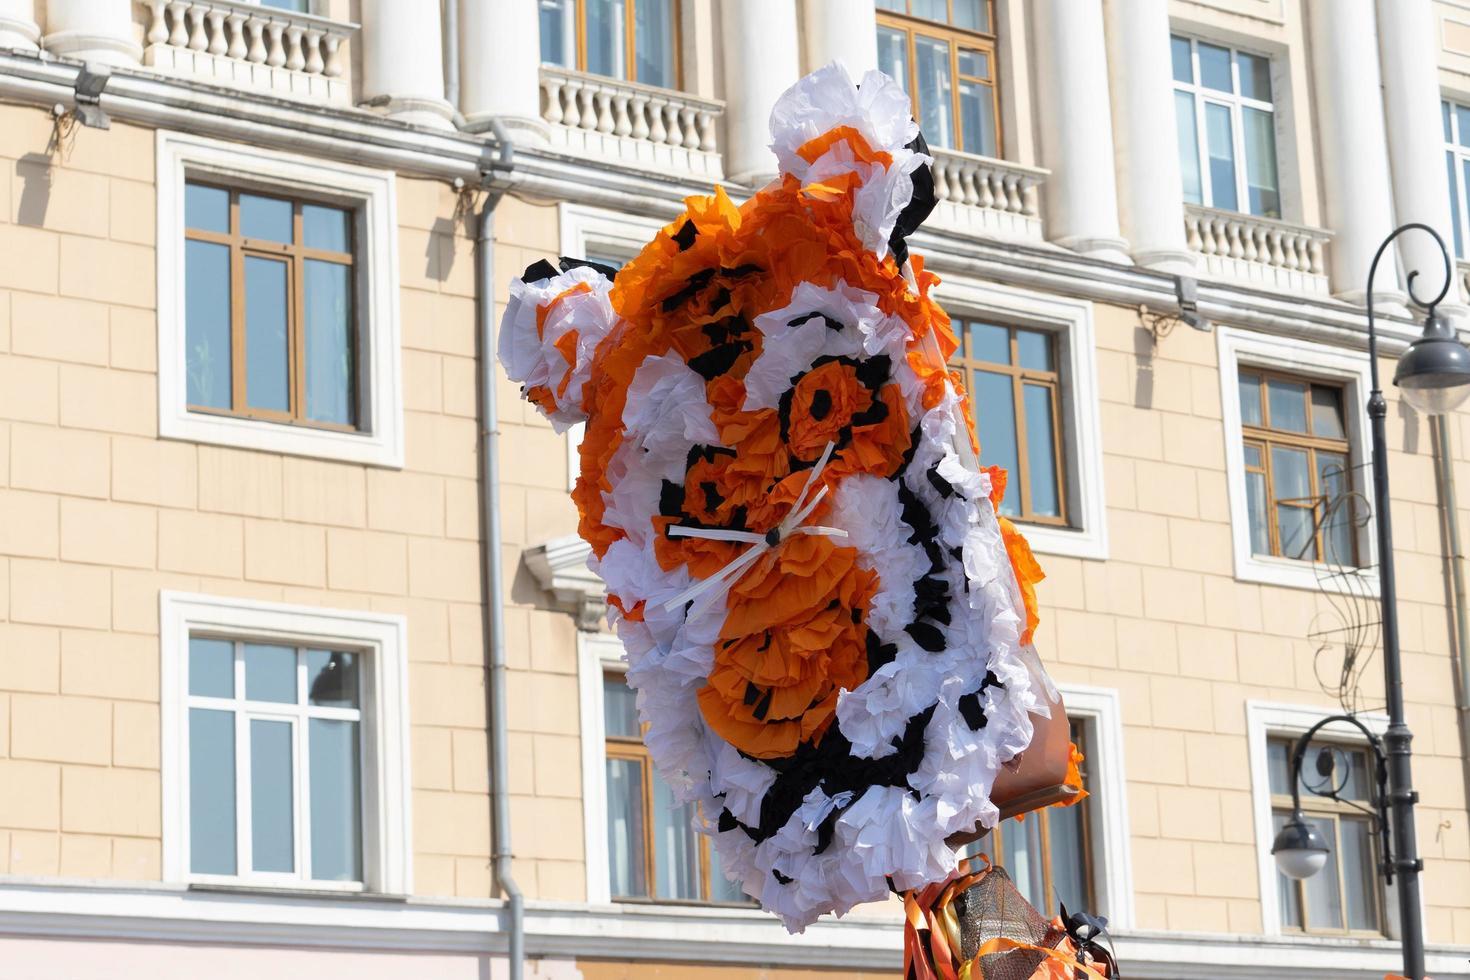 Tigerkopf aus Papier auf dem Hintergrund des Gebäudes. foto